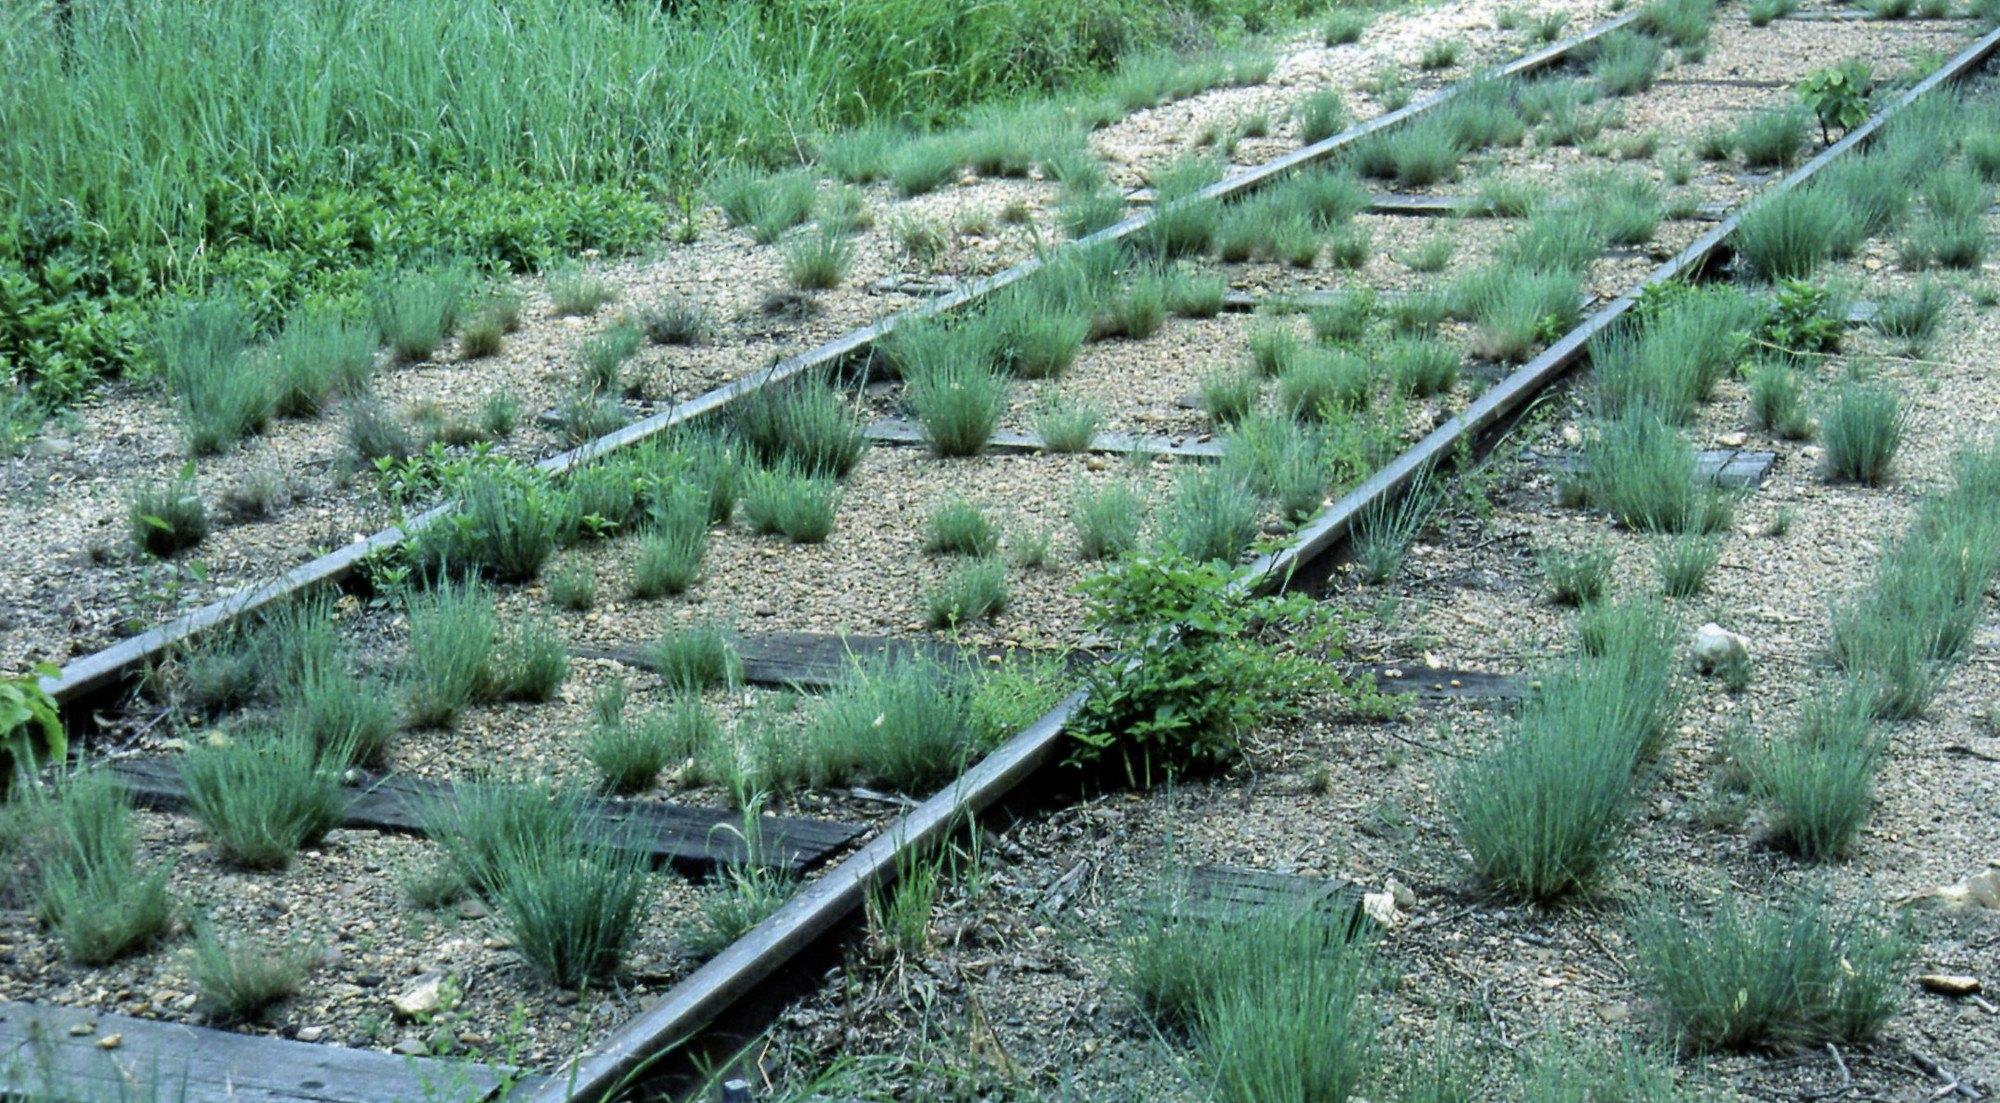 Voie faiblement armée (traverses espacées) sur une ligne à trafic restraint au sud du Loiret. L'herbe a envahi la plate-forme.